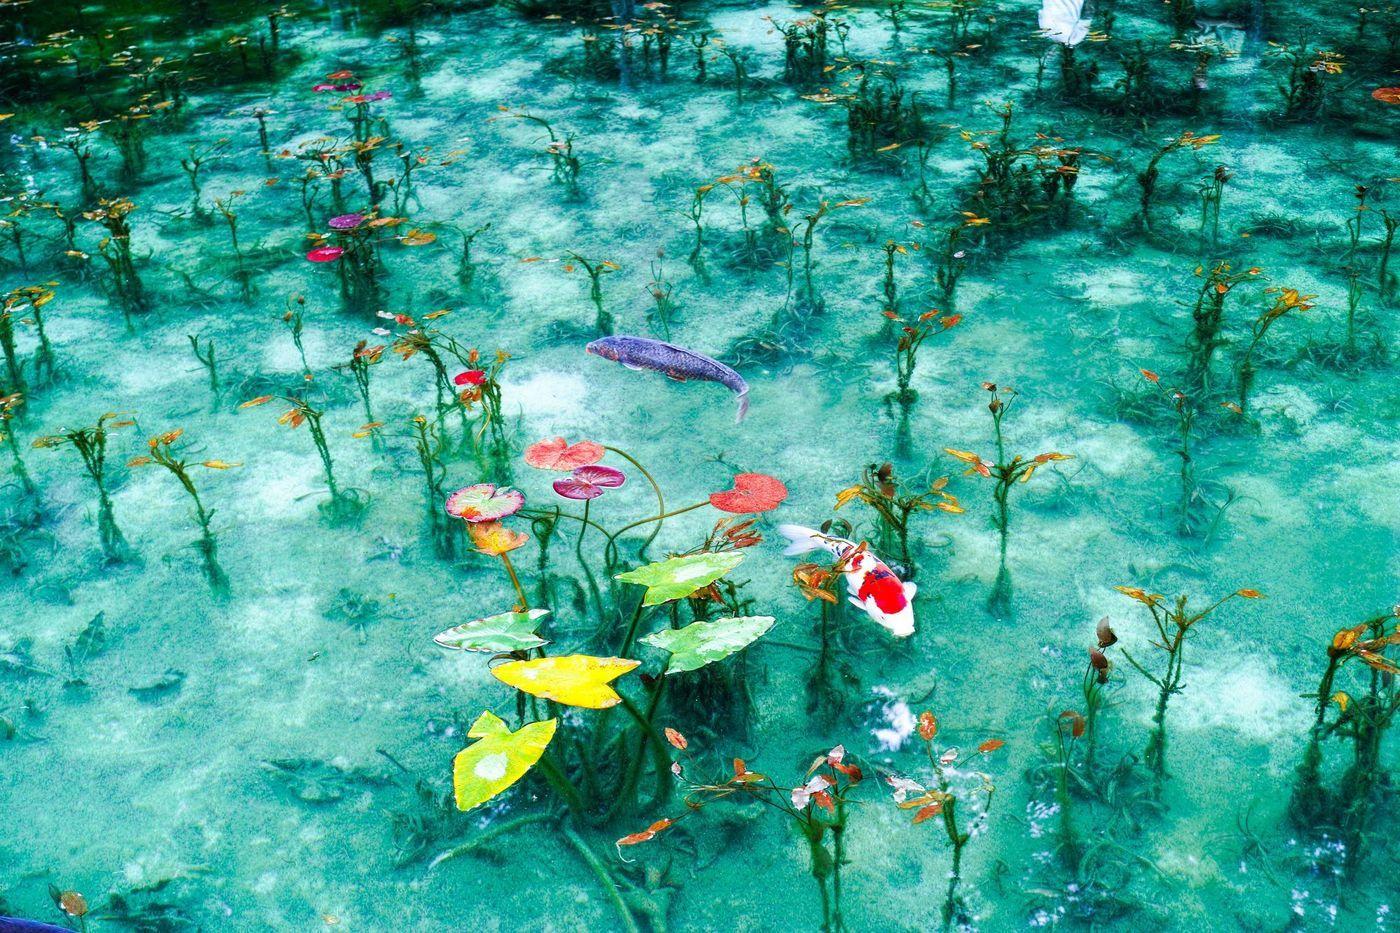 有名どころから穴場まで 東海地方のインスタ映えスポット10選 Aumo アウモ モネ モネの池 旅